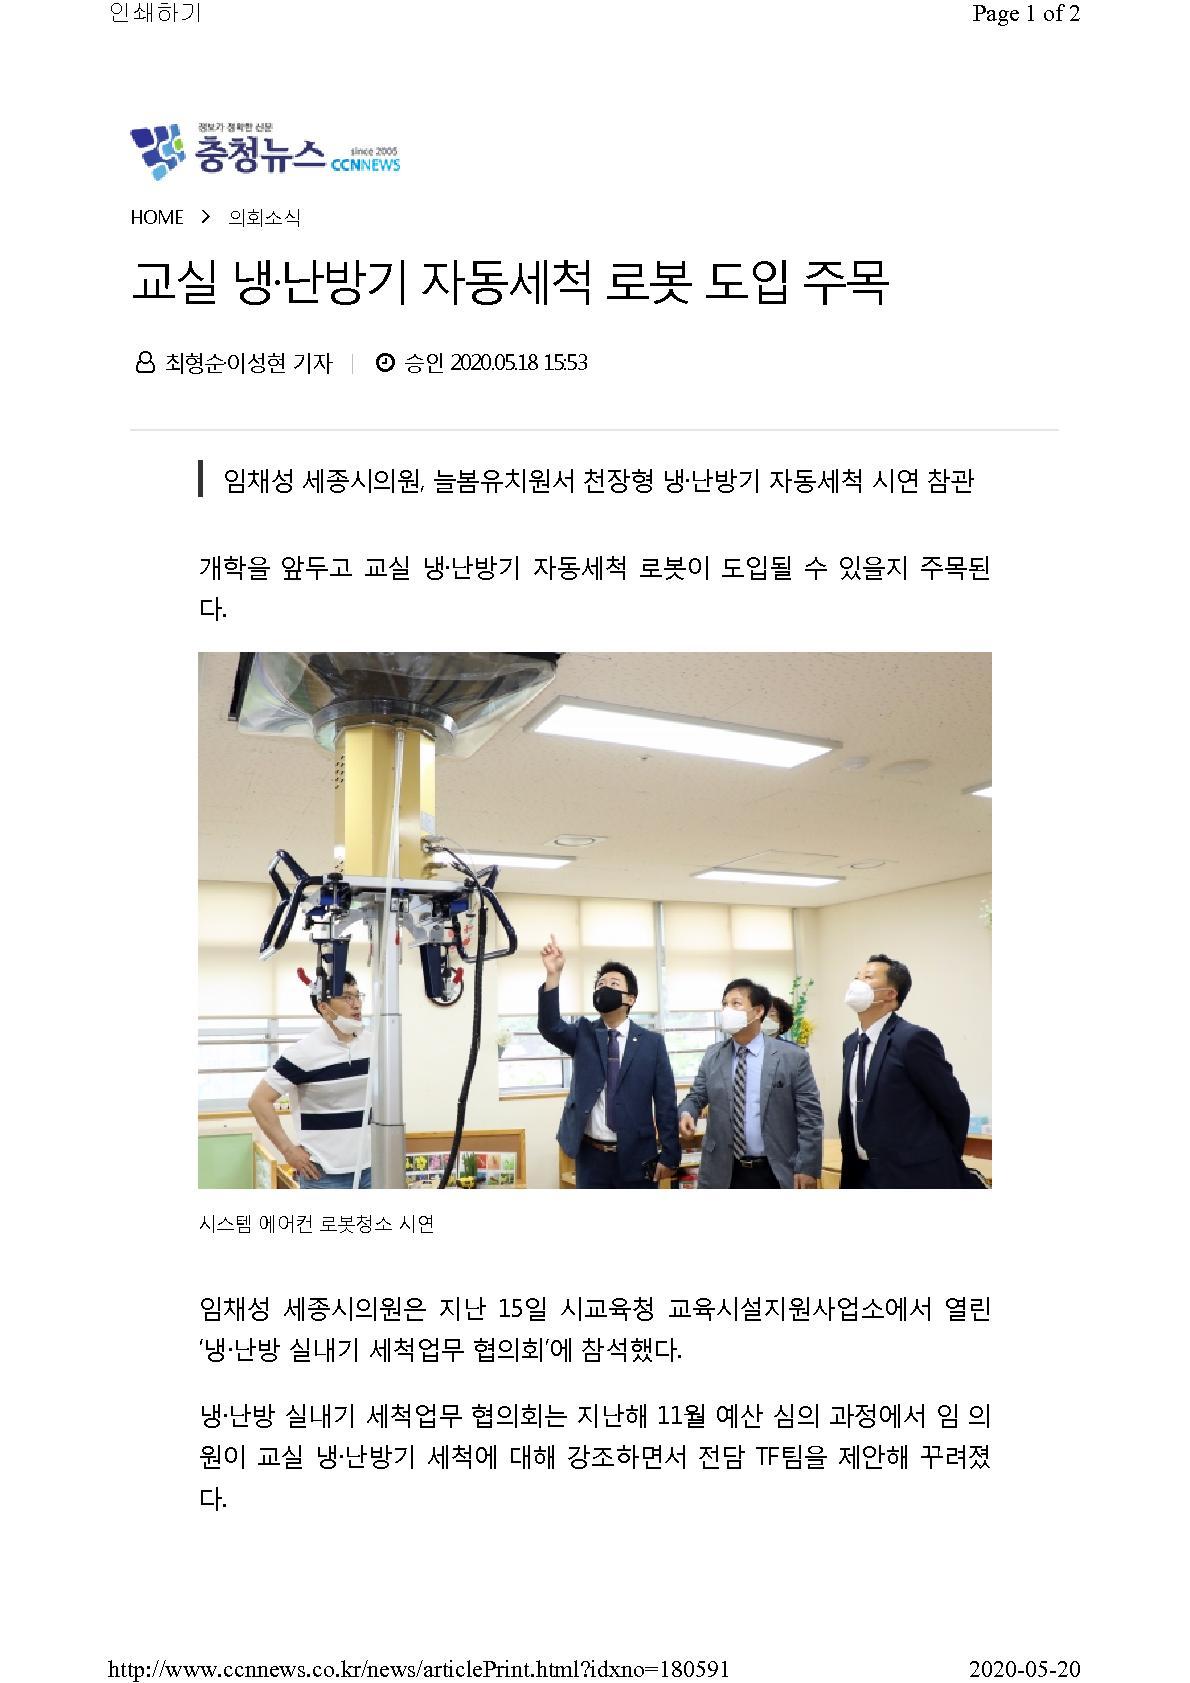 교실 냉난방기 자동체척 로봇 도입 주목_1.jpg